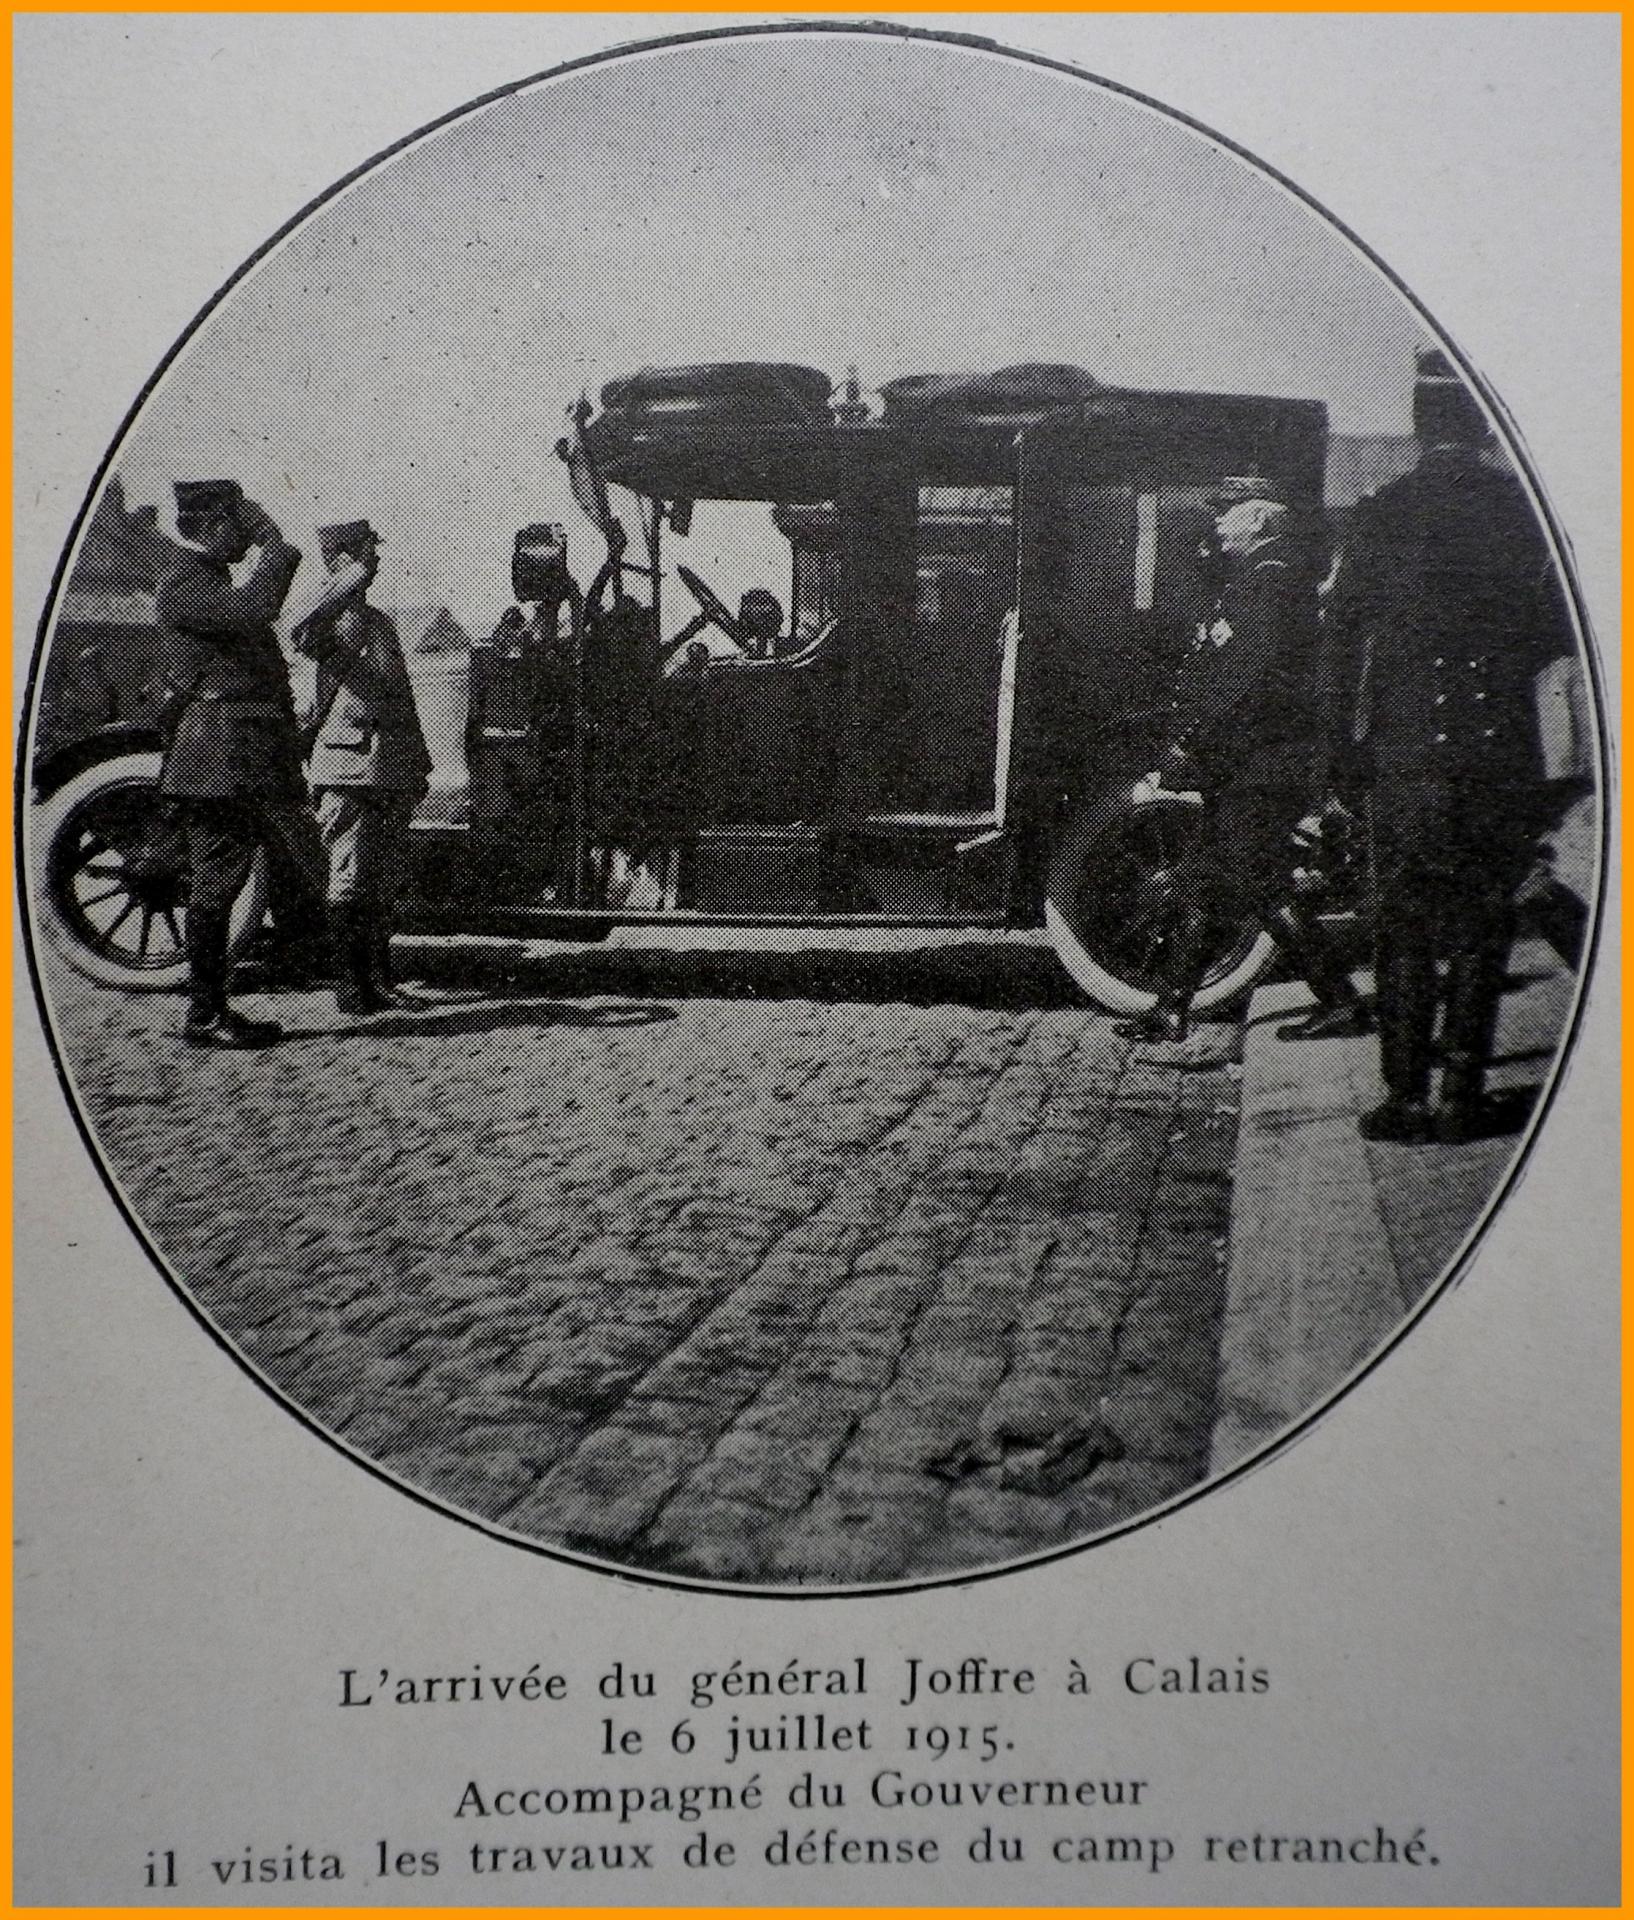 Calais 14 18 arrivee du general joffre a calais le 6 juillet 1915 encadre